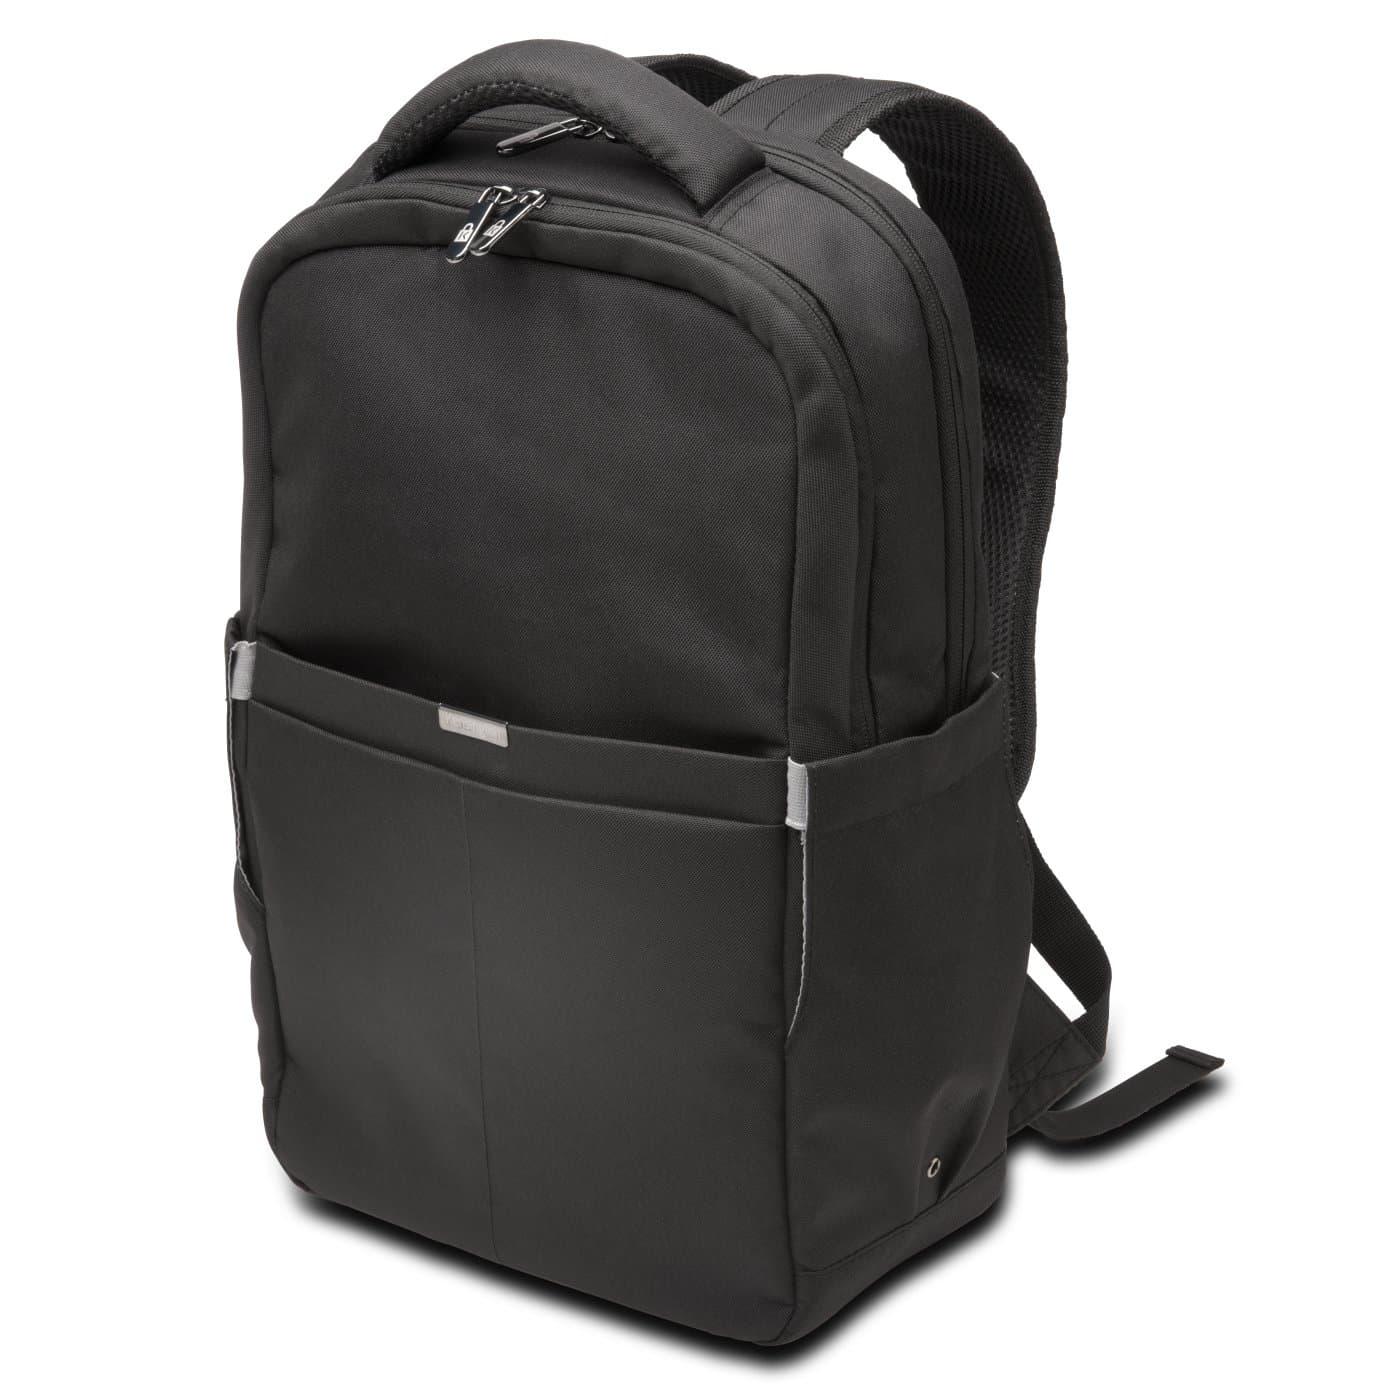 Kensington - Products - Laptop Bags - Backpacks - LS150 Laptop Backpack f687f316902af